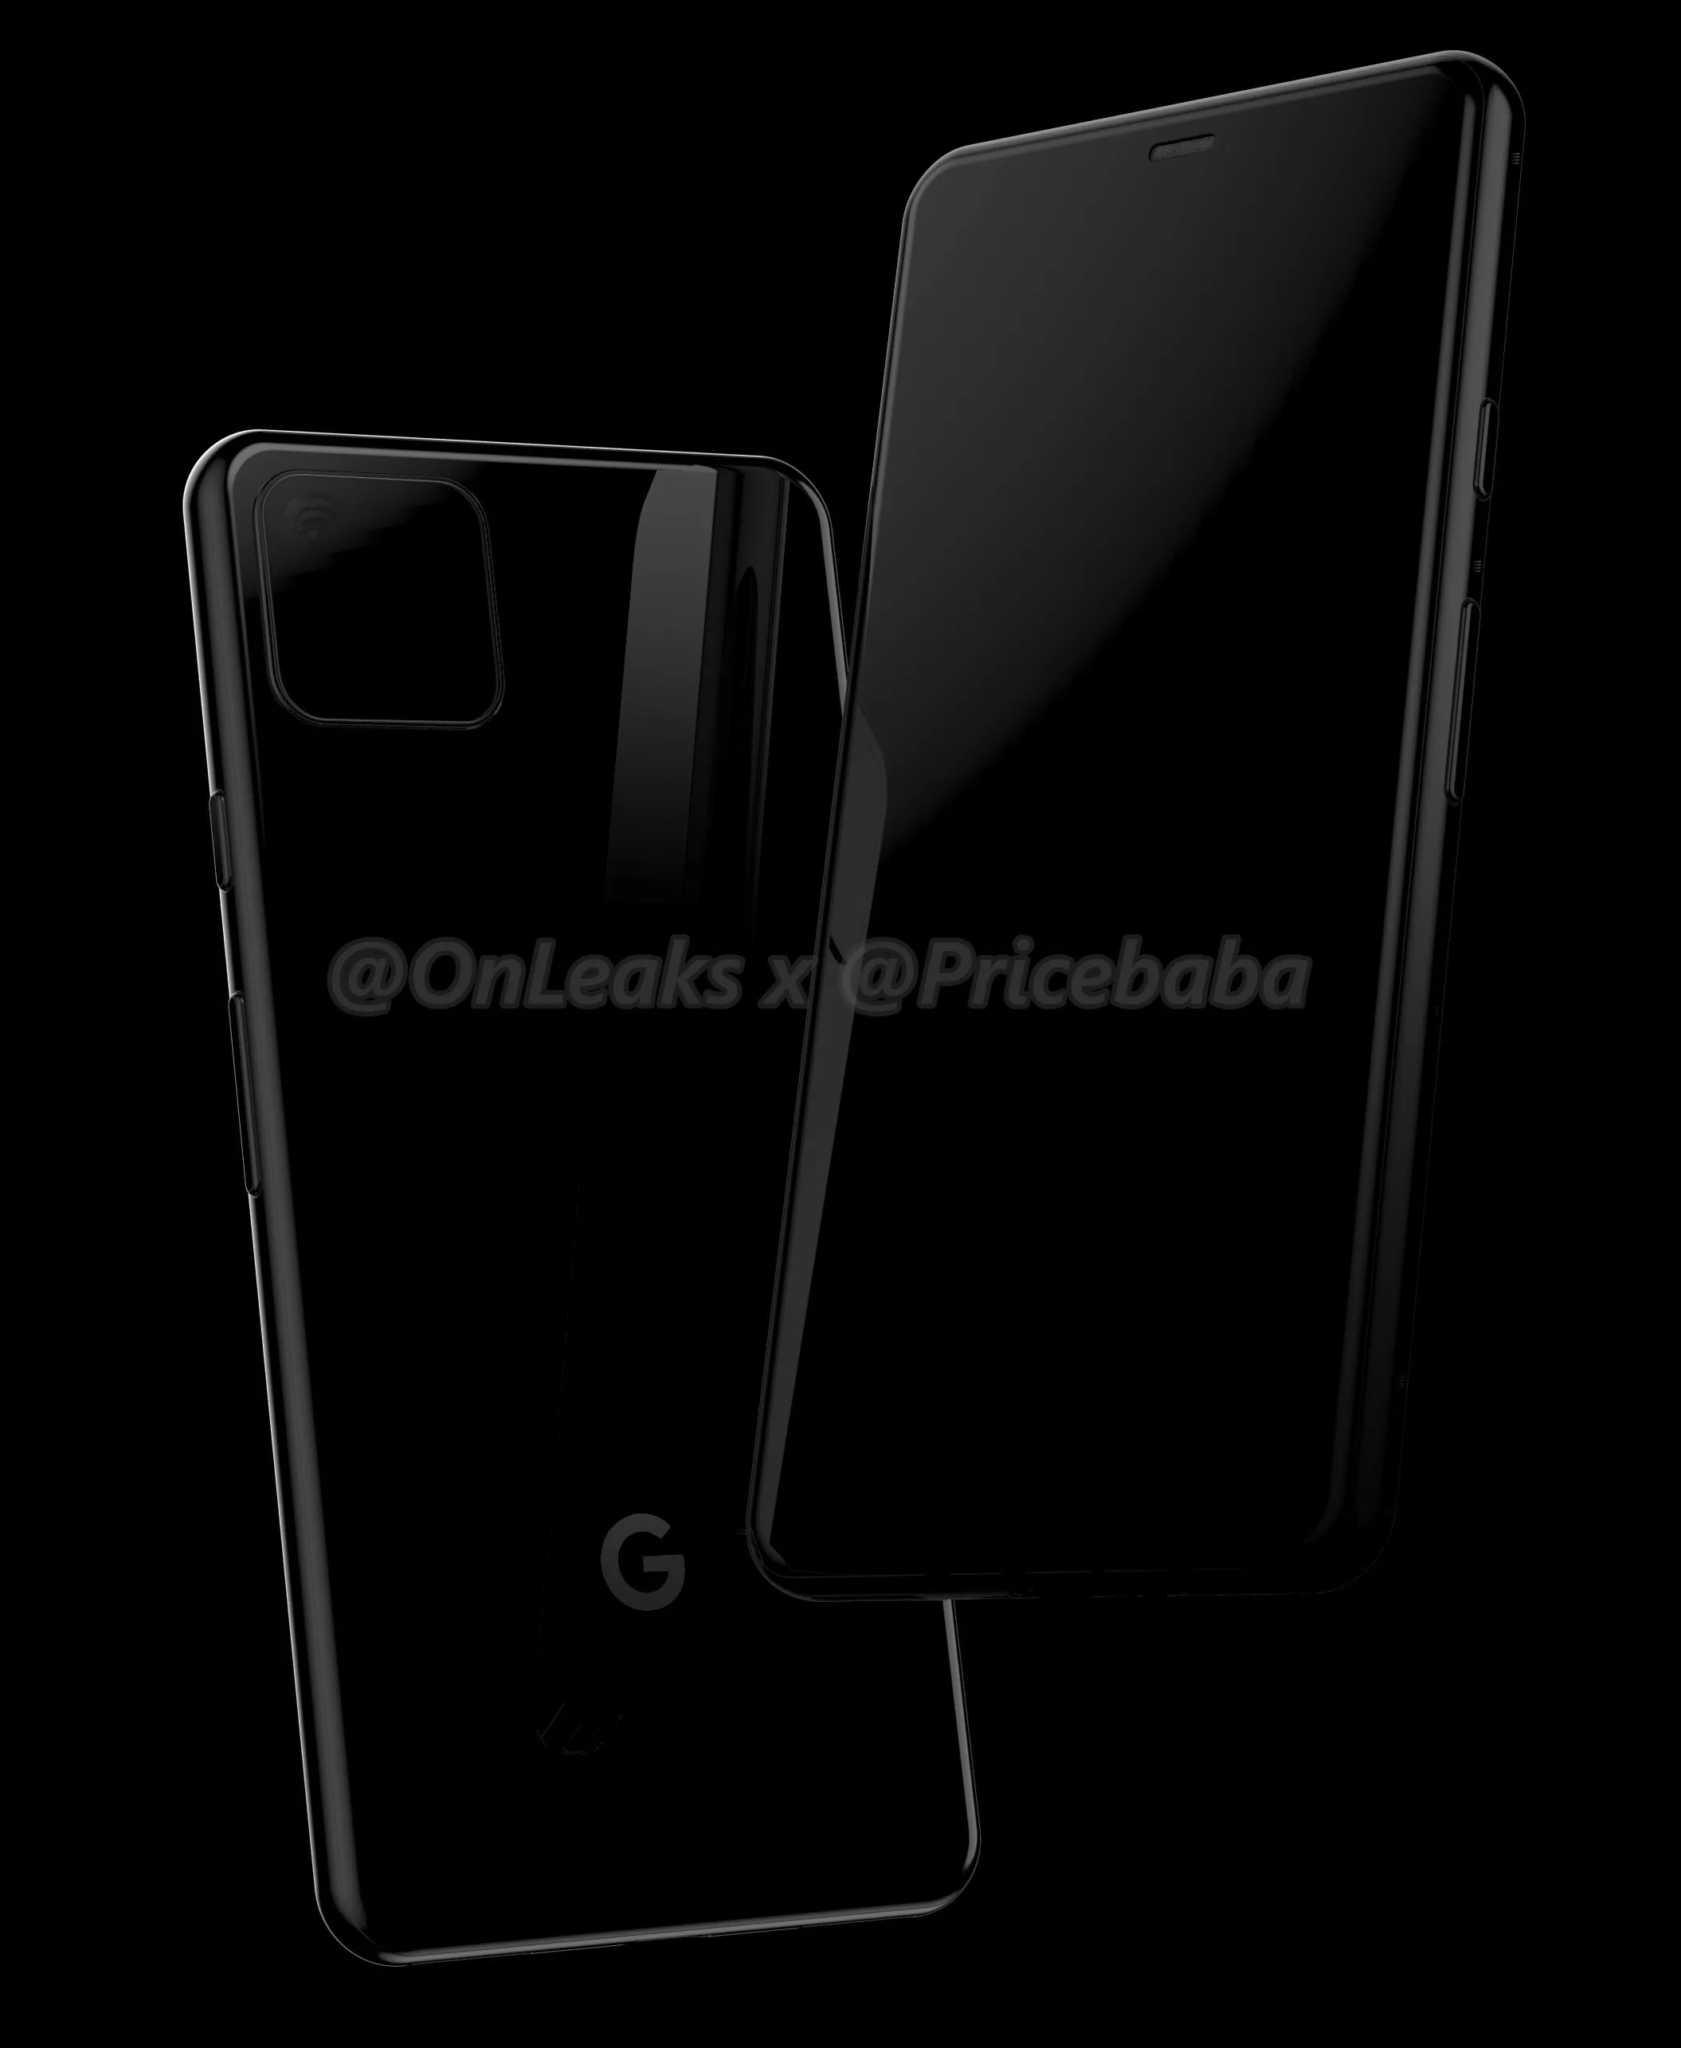 Google Pixel 4 Leaked Black Design